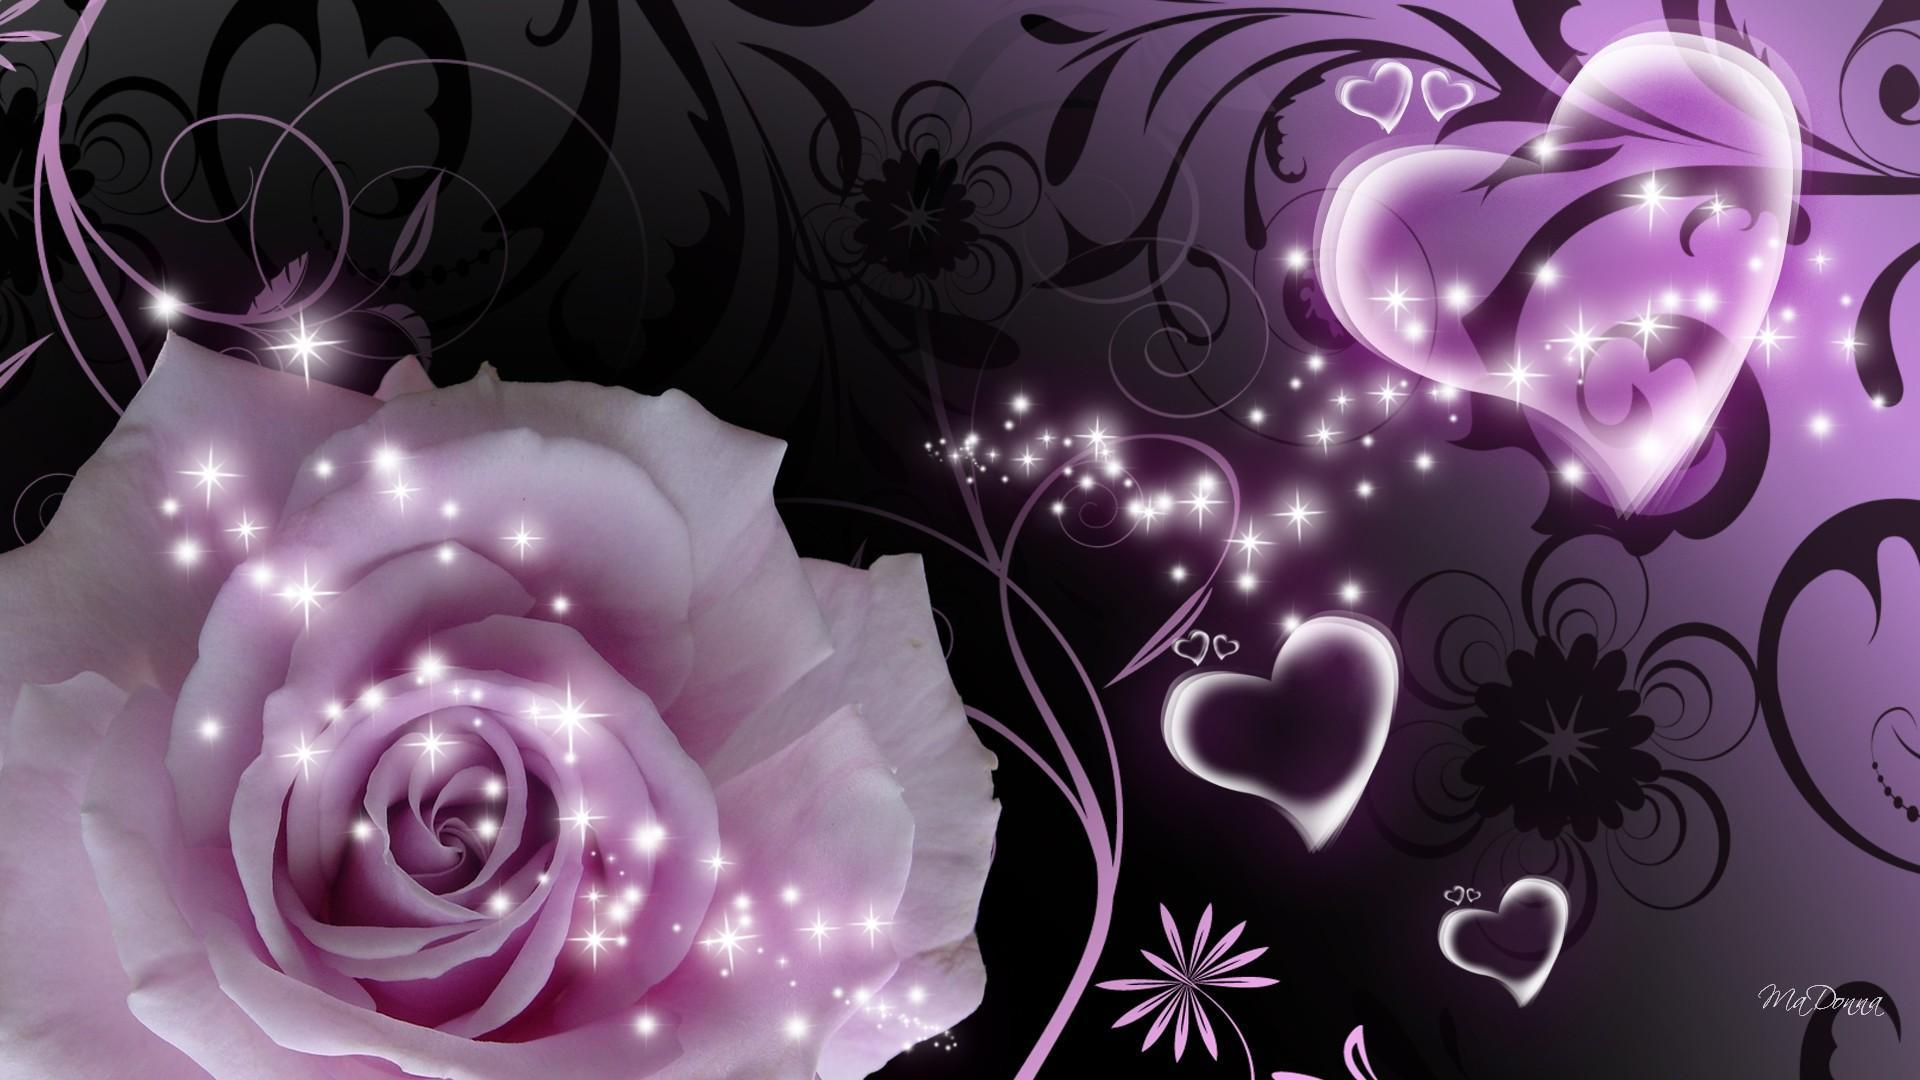 Beautiful purple roses wallpapers wallpapersafari - Pink roses and hearts wallpaper ...